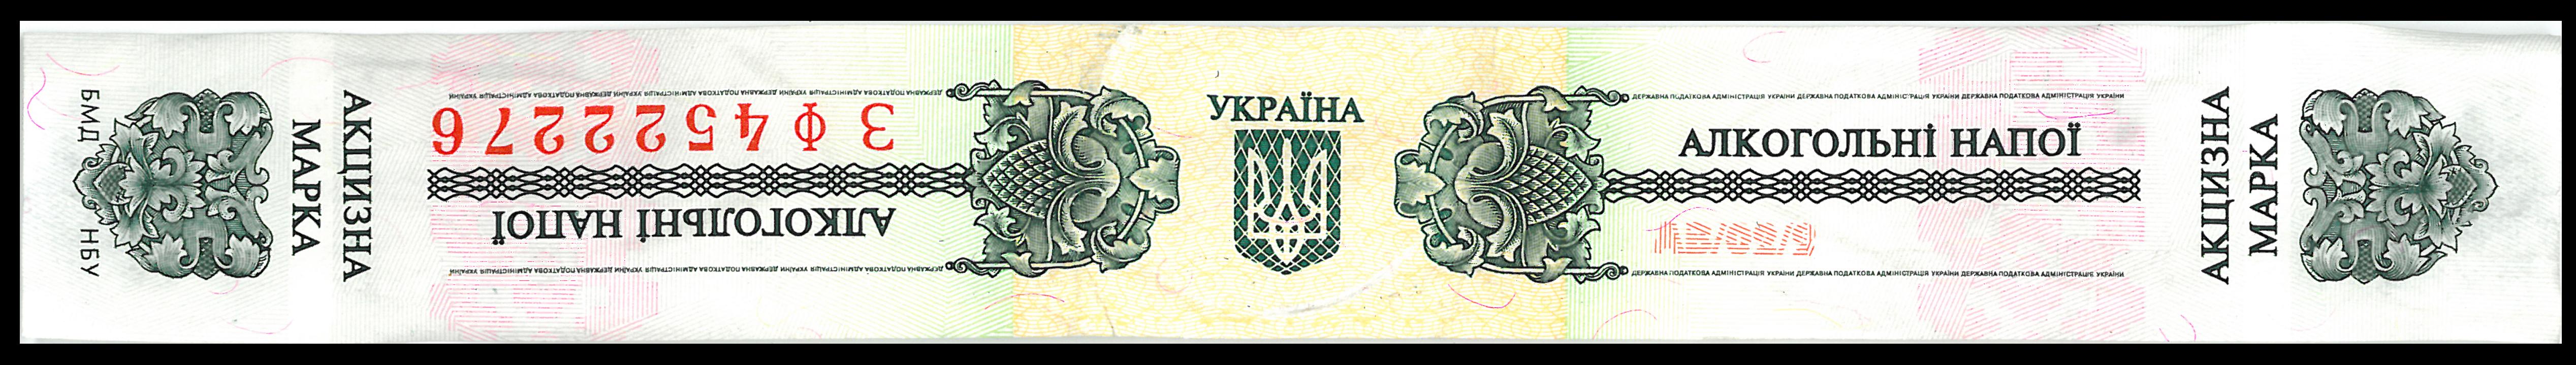 У гражданина Украины изъяли 180 л водки Jelzin на границе с Молдовой - Цензор.НЕТ 7626